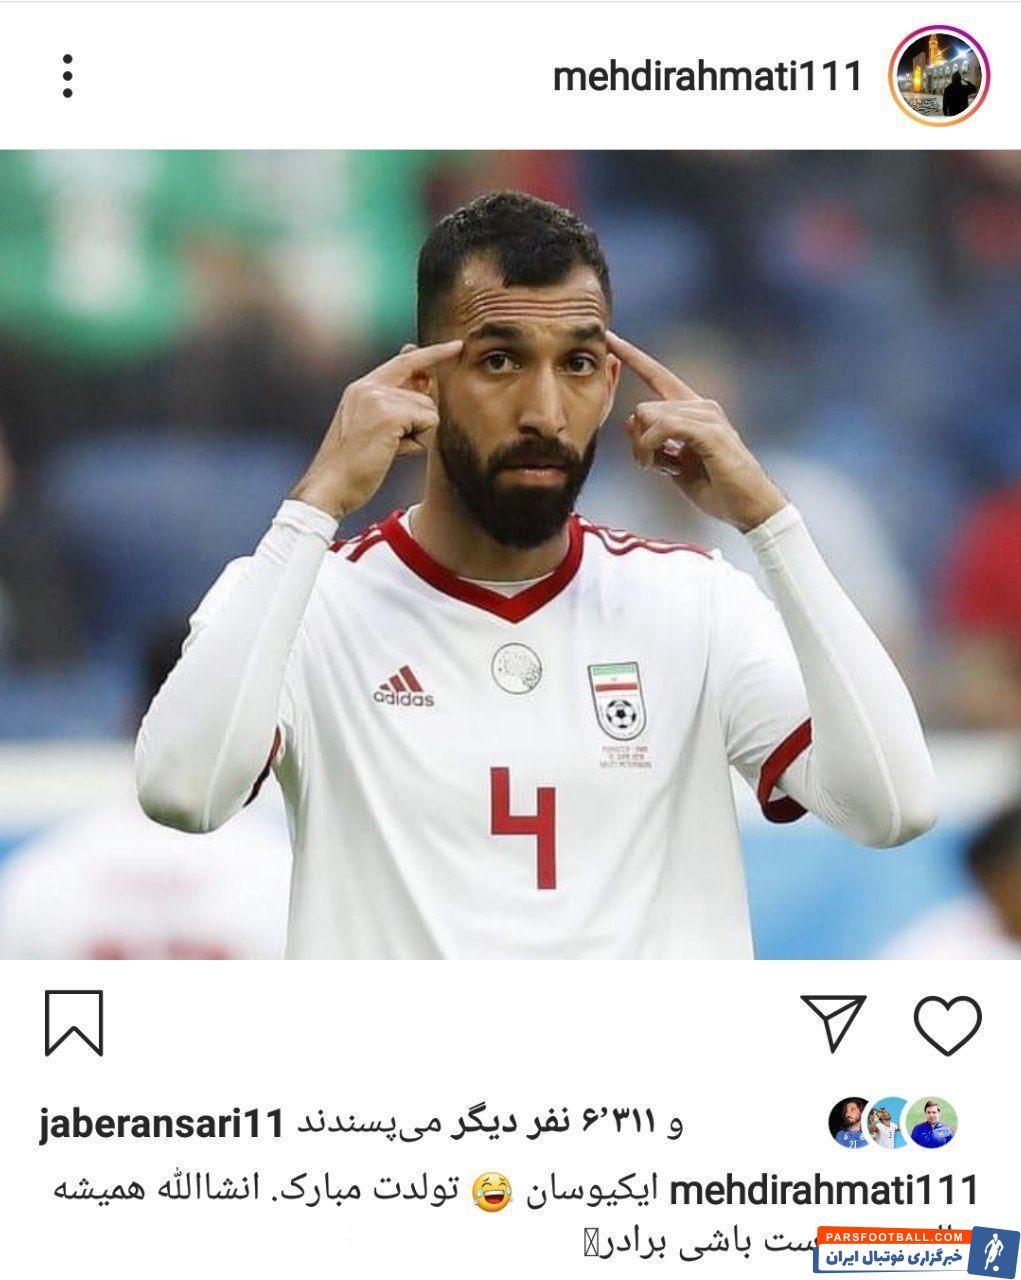 شوخی بازیکنان فوتبال و هم تیمیها در اینستاگرام همچنان ادامه دارد؛ این بار نوبت رحمتی  بود که به سبک خودش، تولد روزبه چشمی را تبریک بگوید.